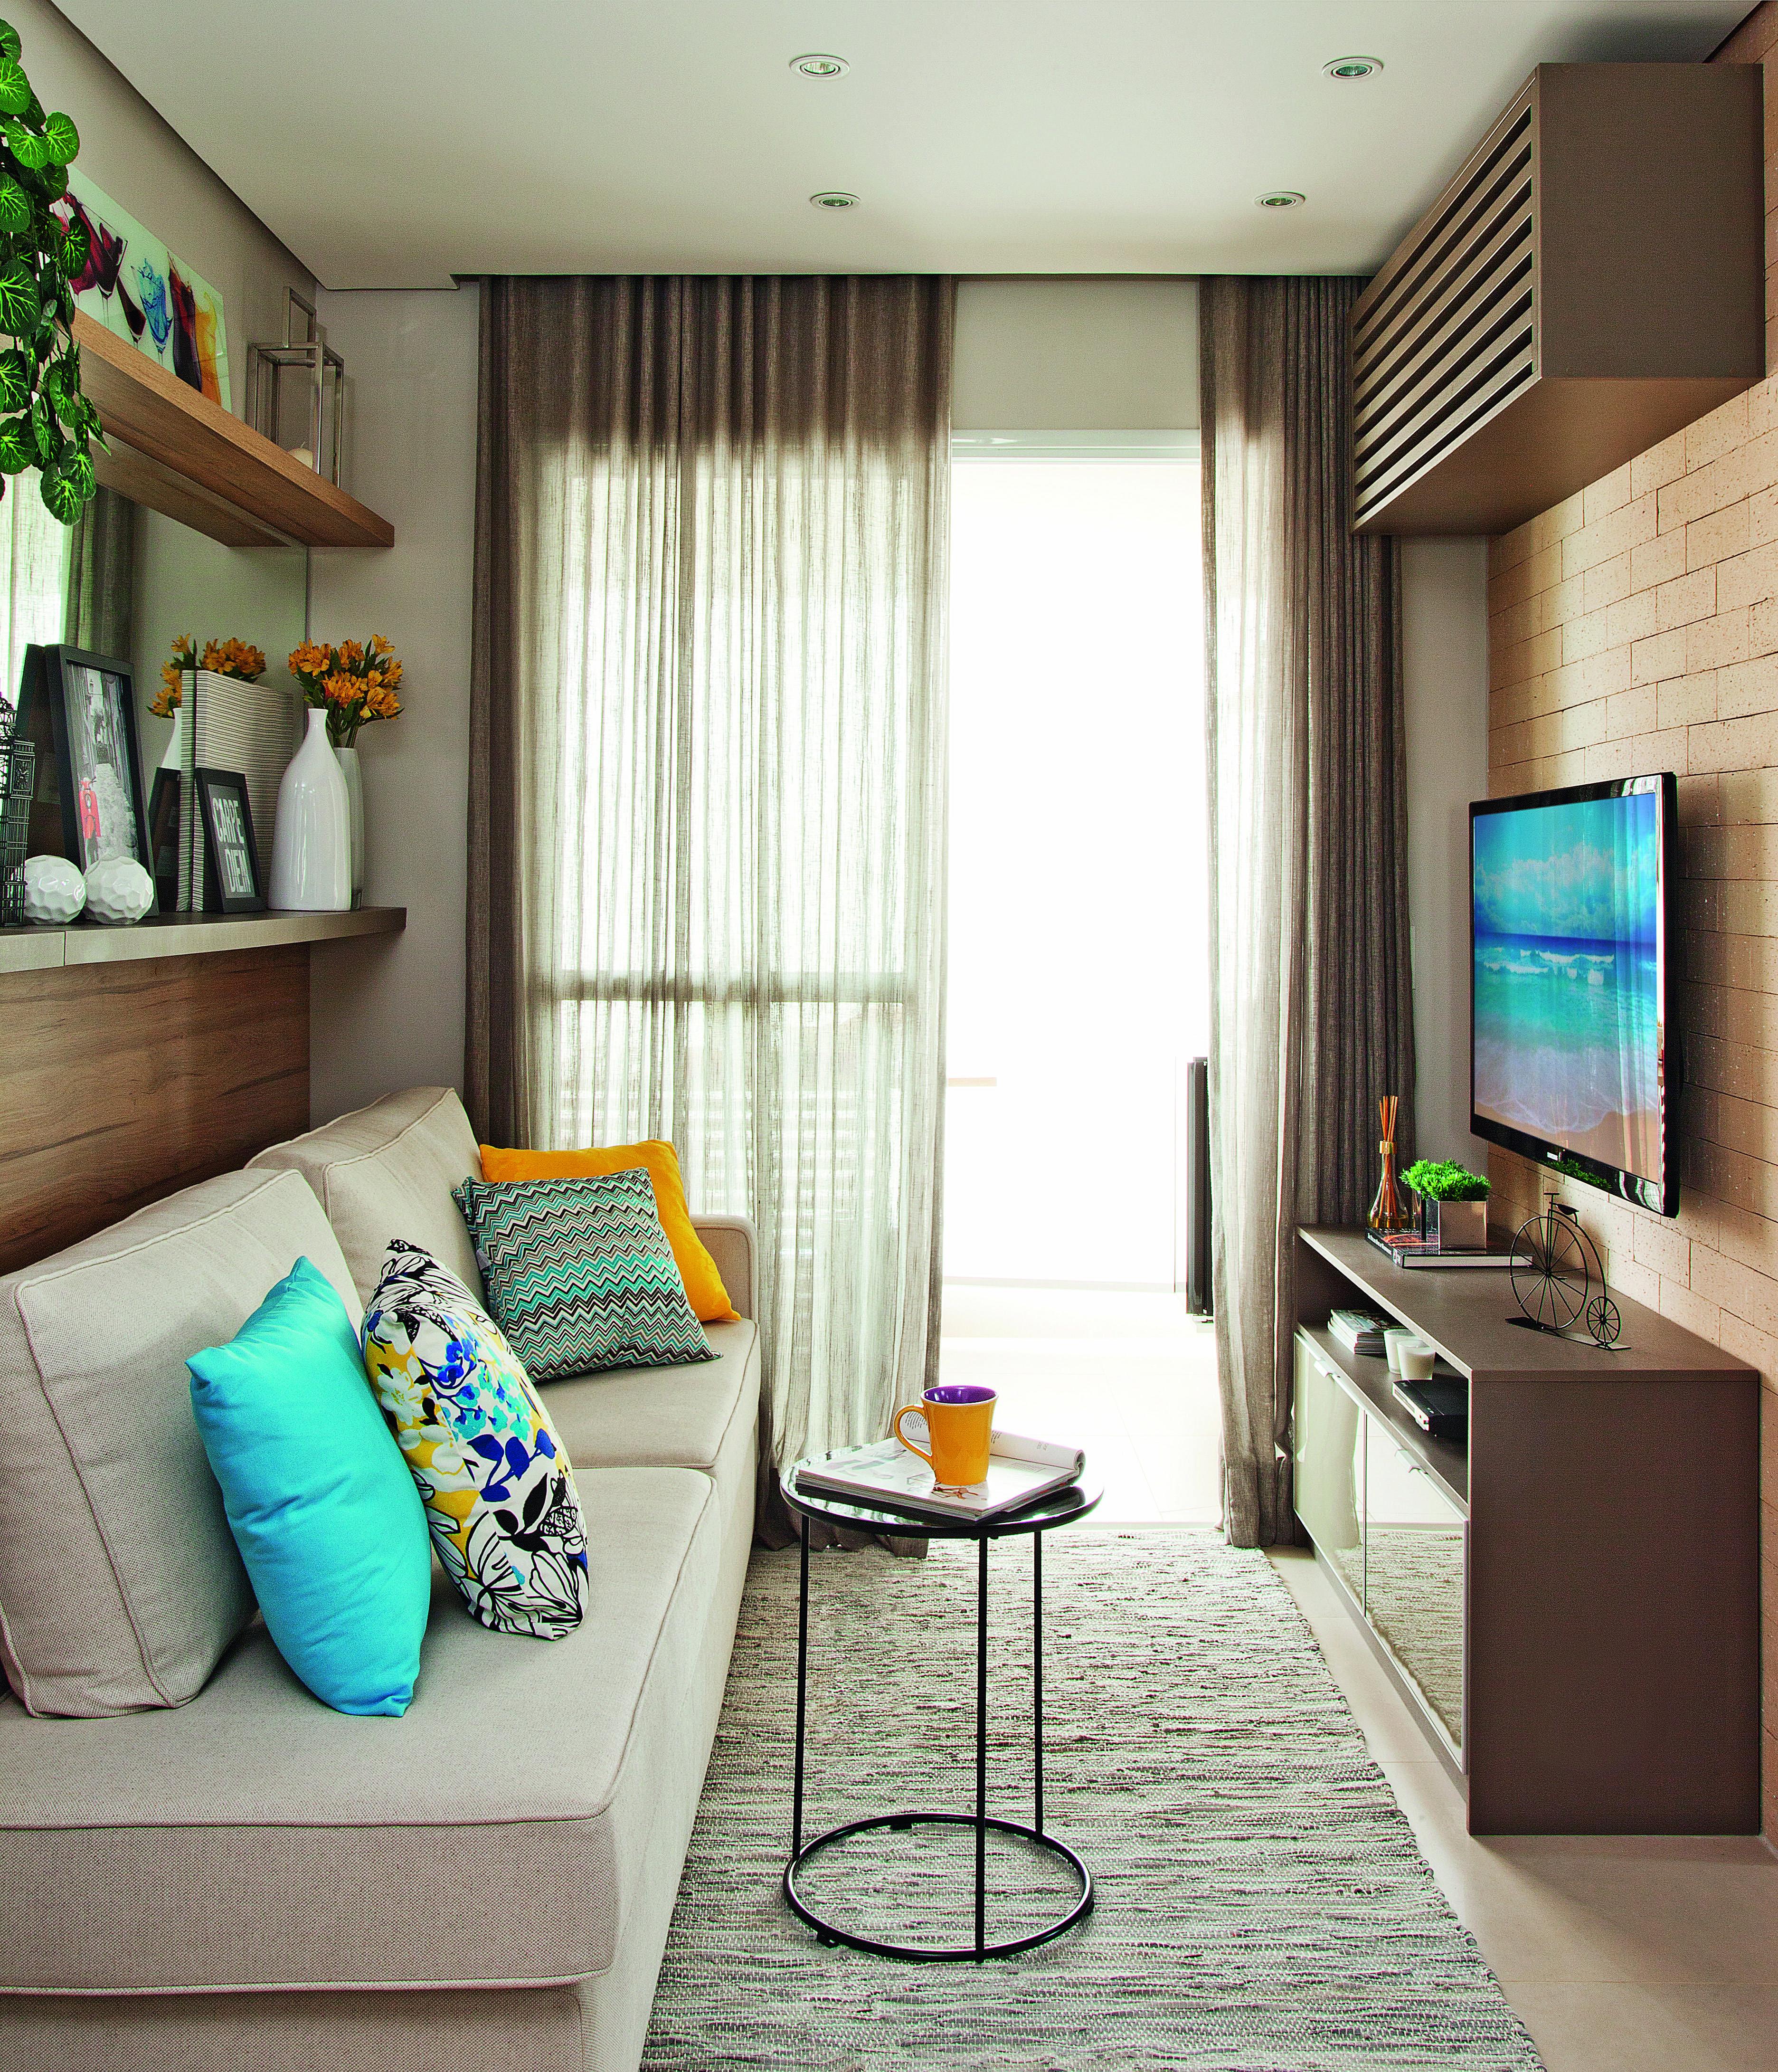 Fantastisch Apartamento Pequeno Com Ambientes Integrados E Decoração Neutra | Minha Casa